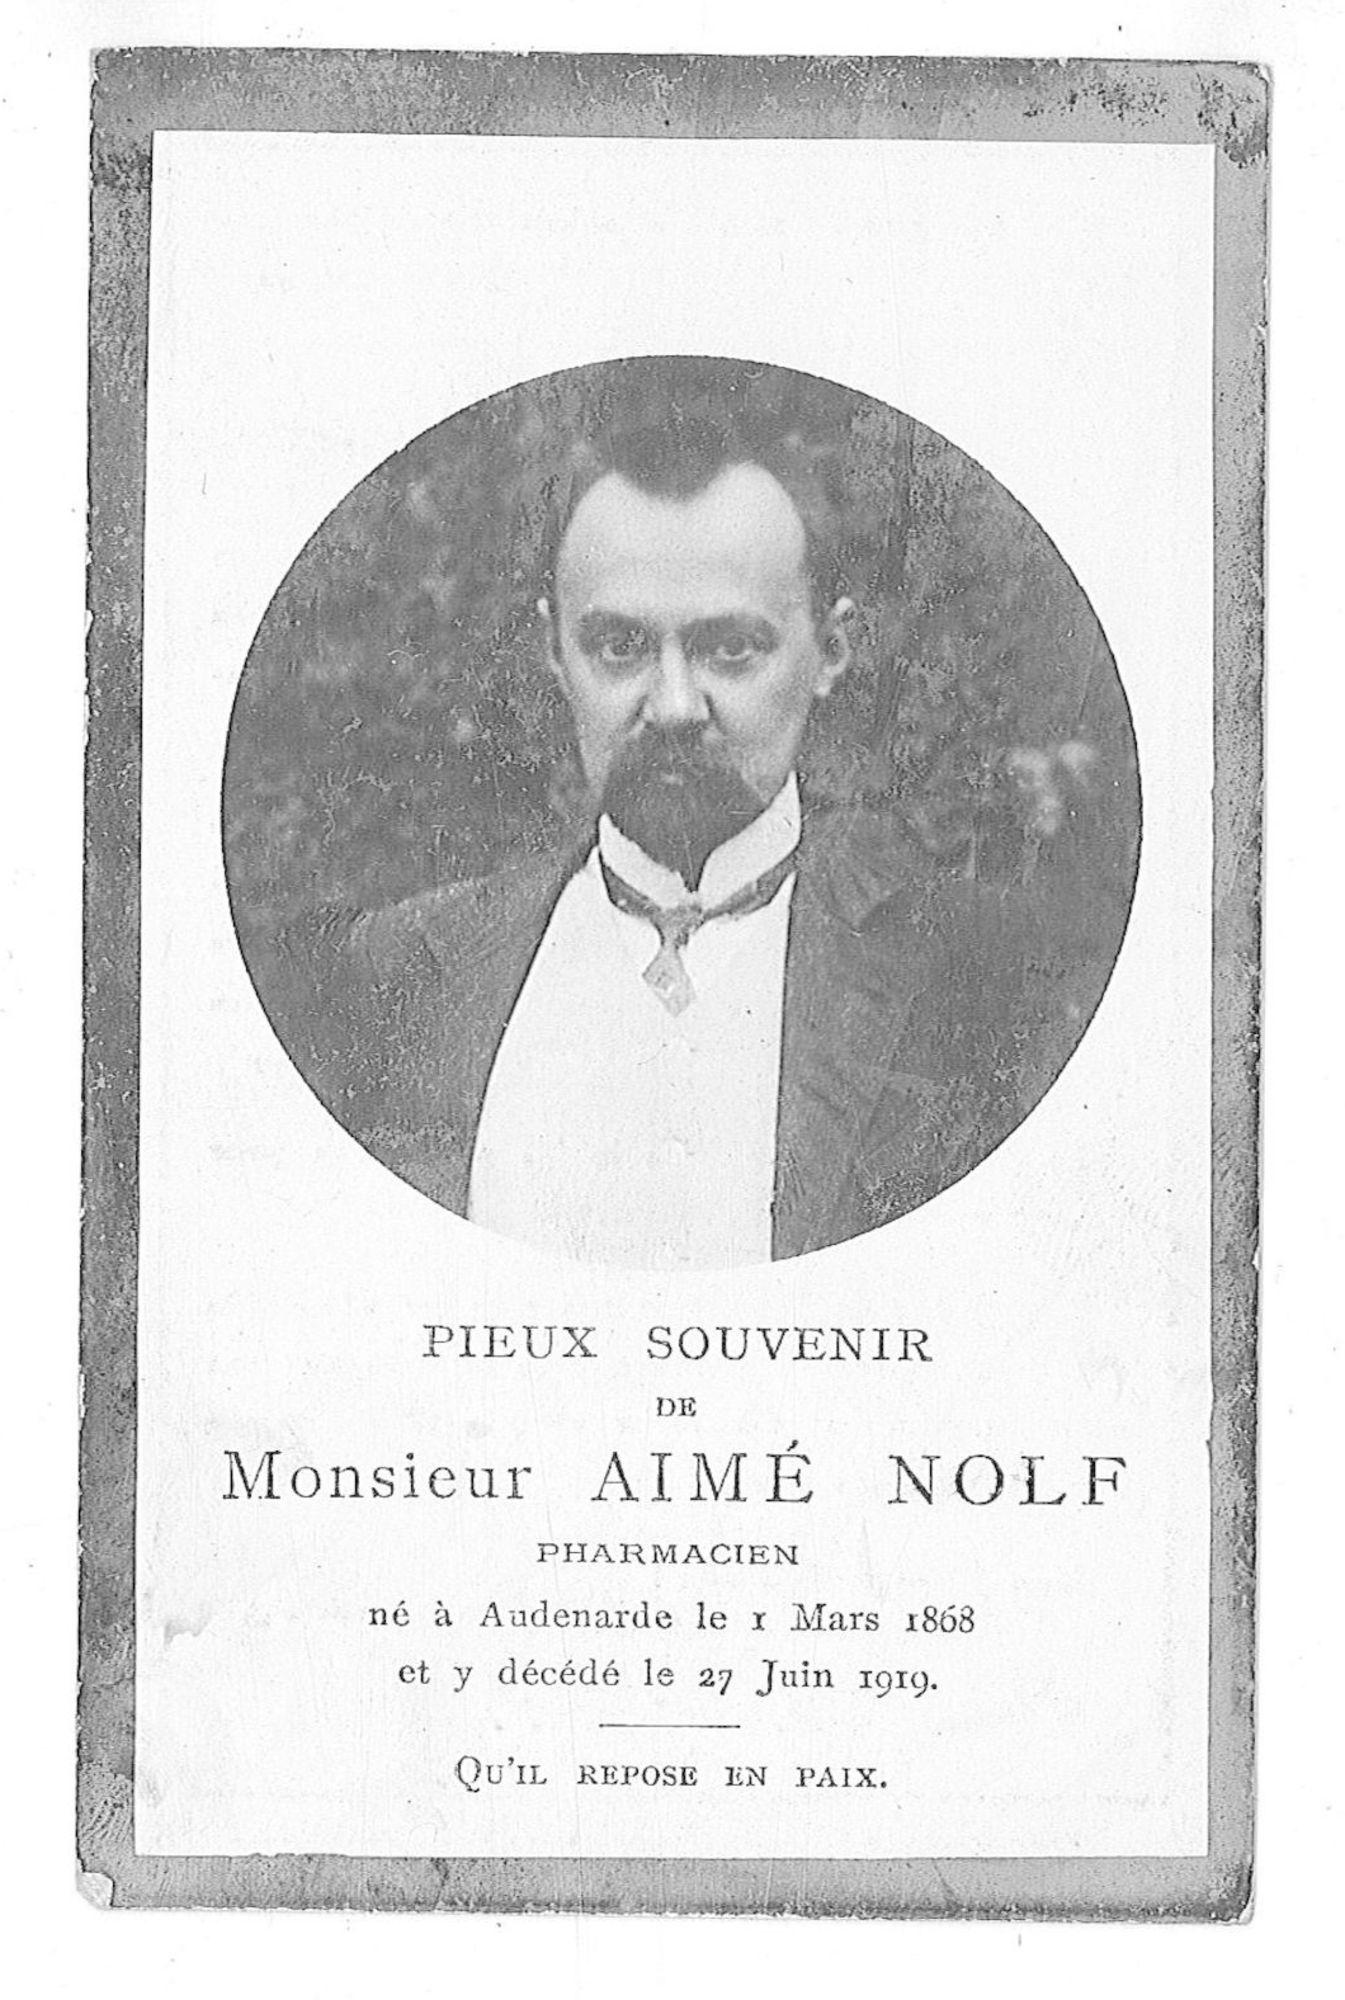 Aimé Nolf